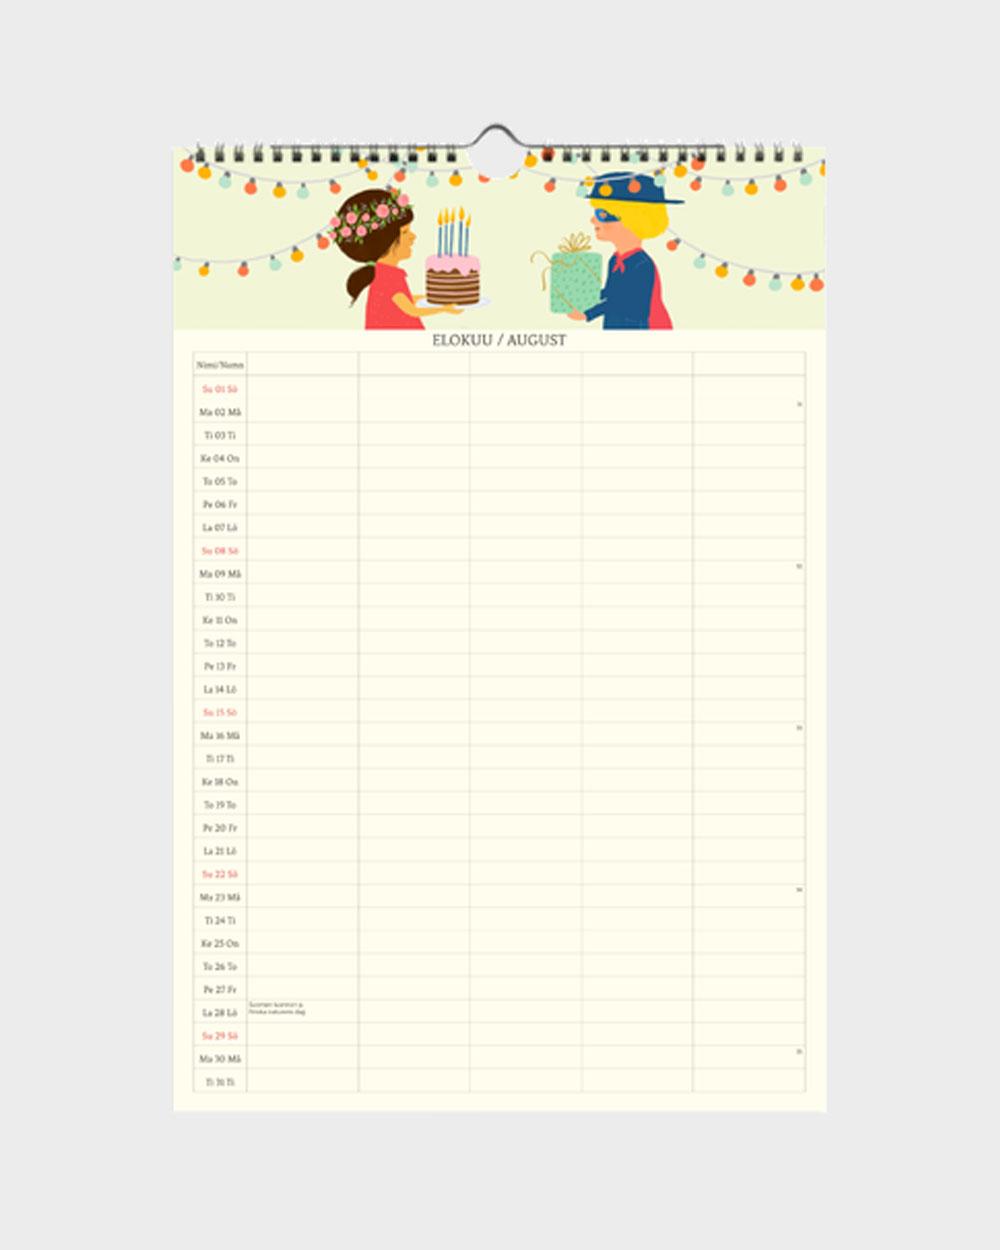 Polka Paper perhekalenteri 2022 elokuu